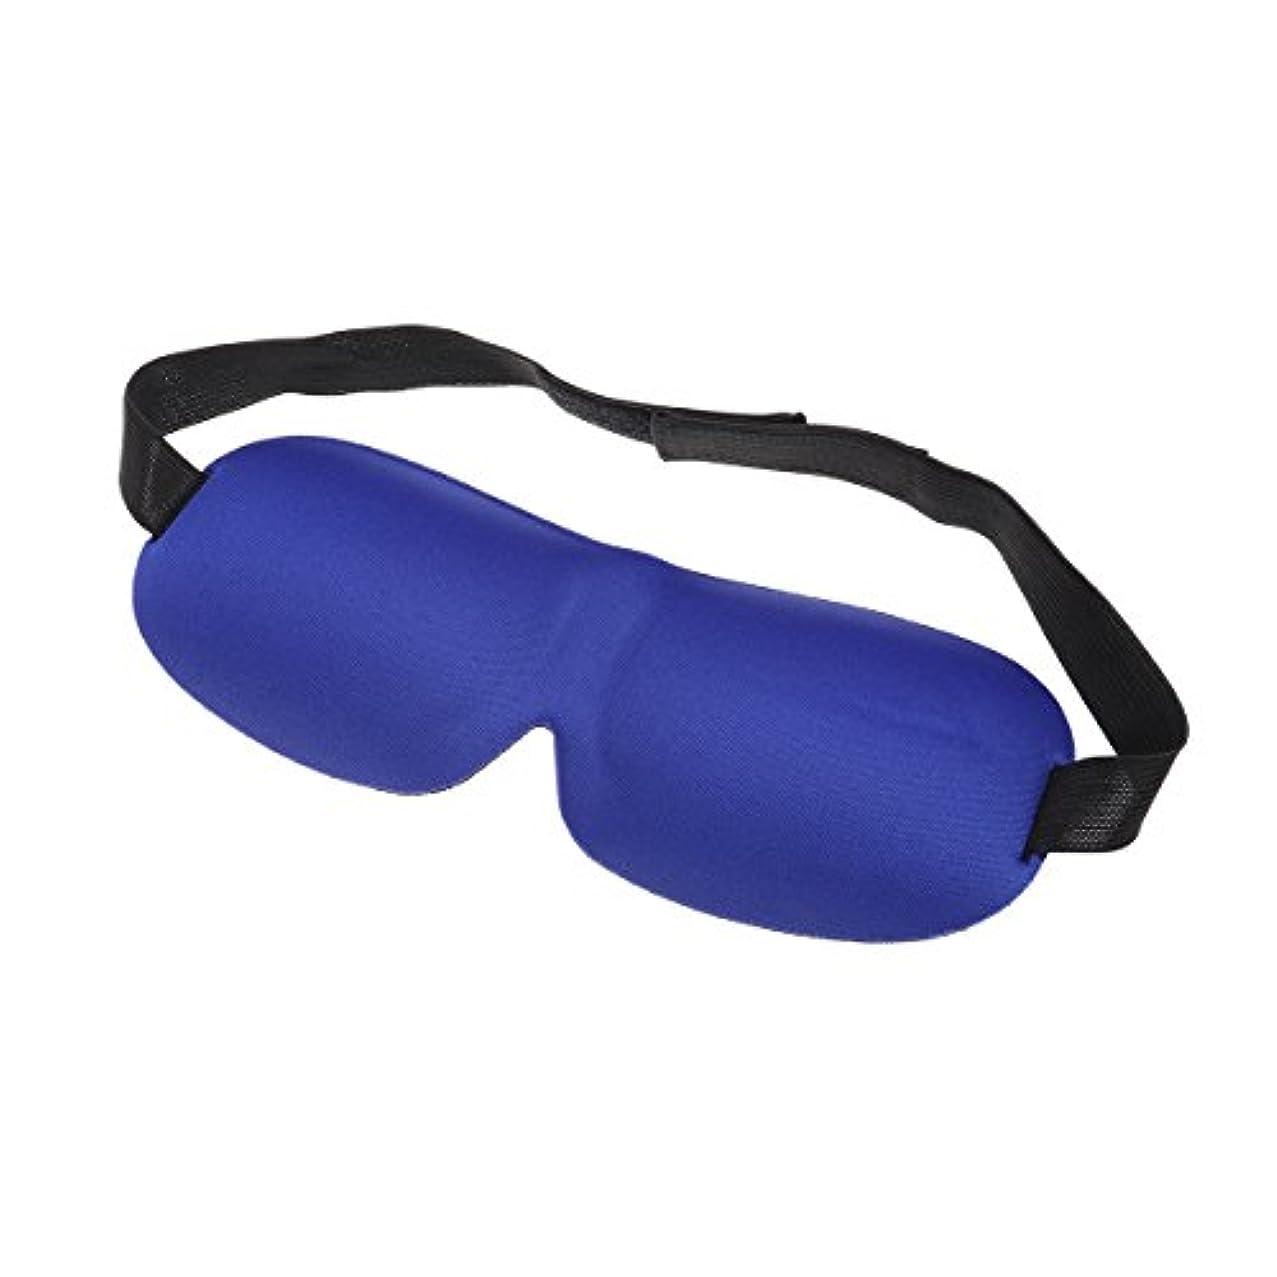 うまくやる()カフェテリア微生物ROSENICE アイマスク 遮光 睡眠 軽量 目隠し 圧迫感なし 調節可能 3D睡眠マスク(ブルー)